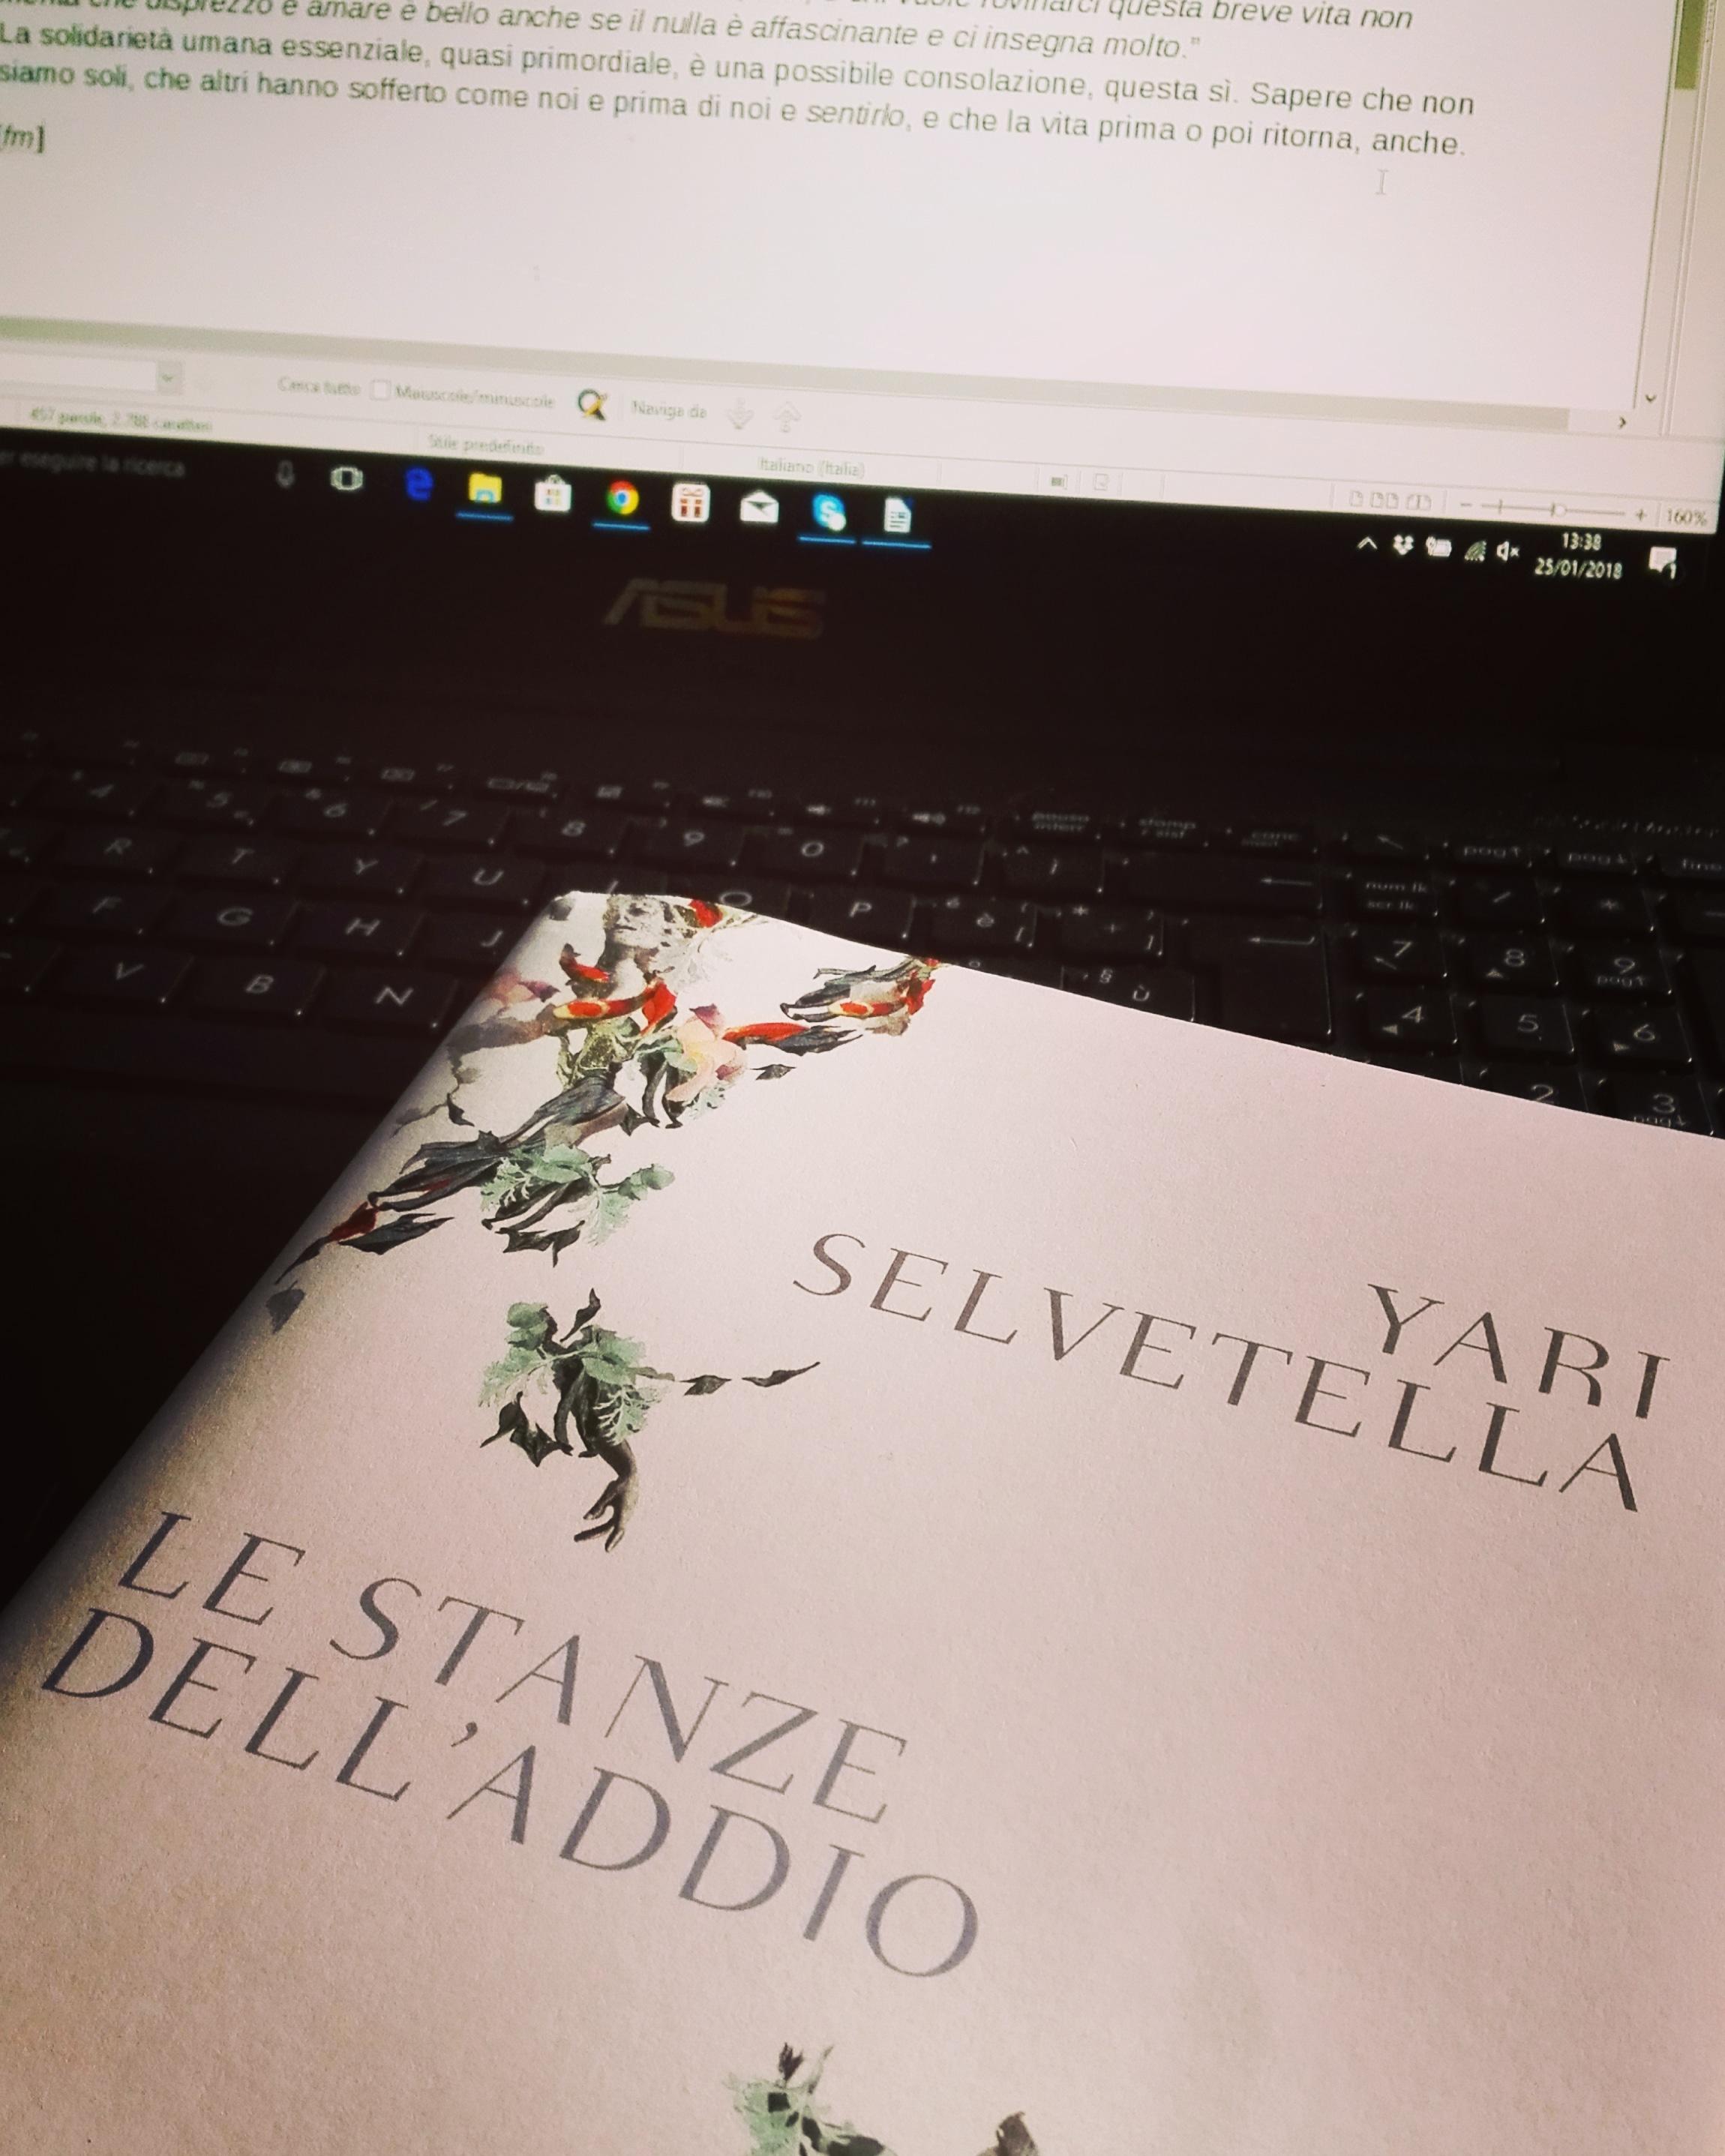 """Letti per voi: """"Le stanze dell'addio"""", di Yari Selvetella"""